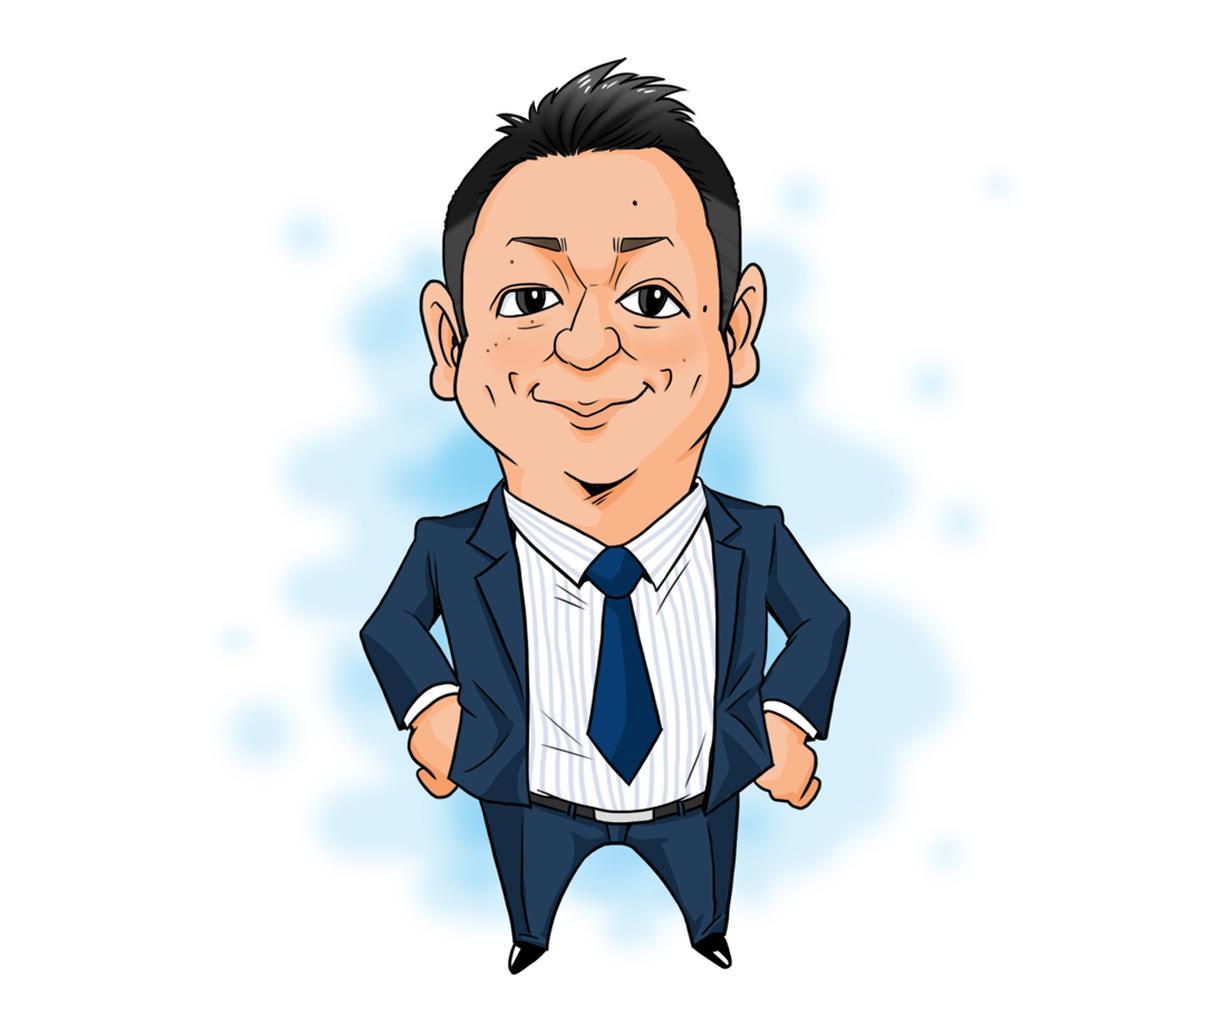 男性必見!!「男前な似顔絵」を制作実績12万人のプロの似顔絵師がお描きします!!!